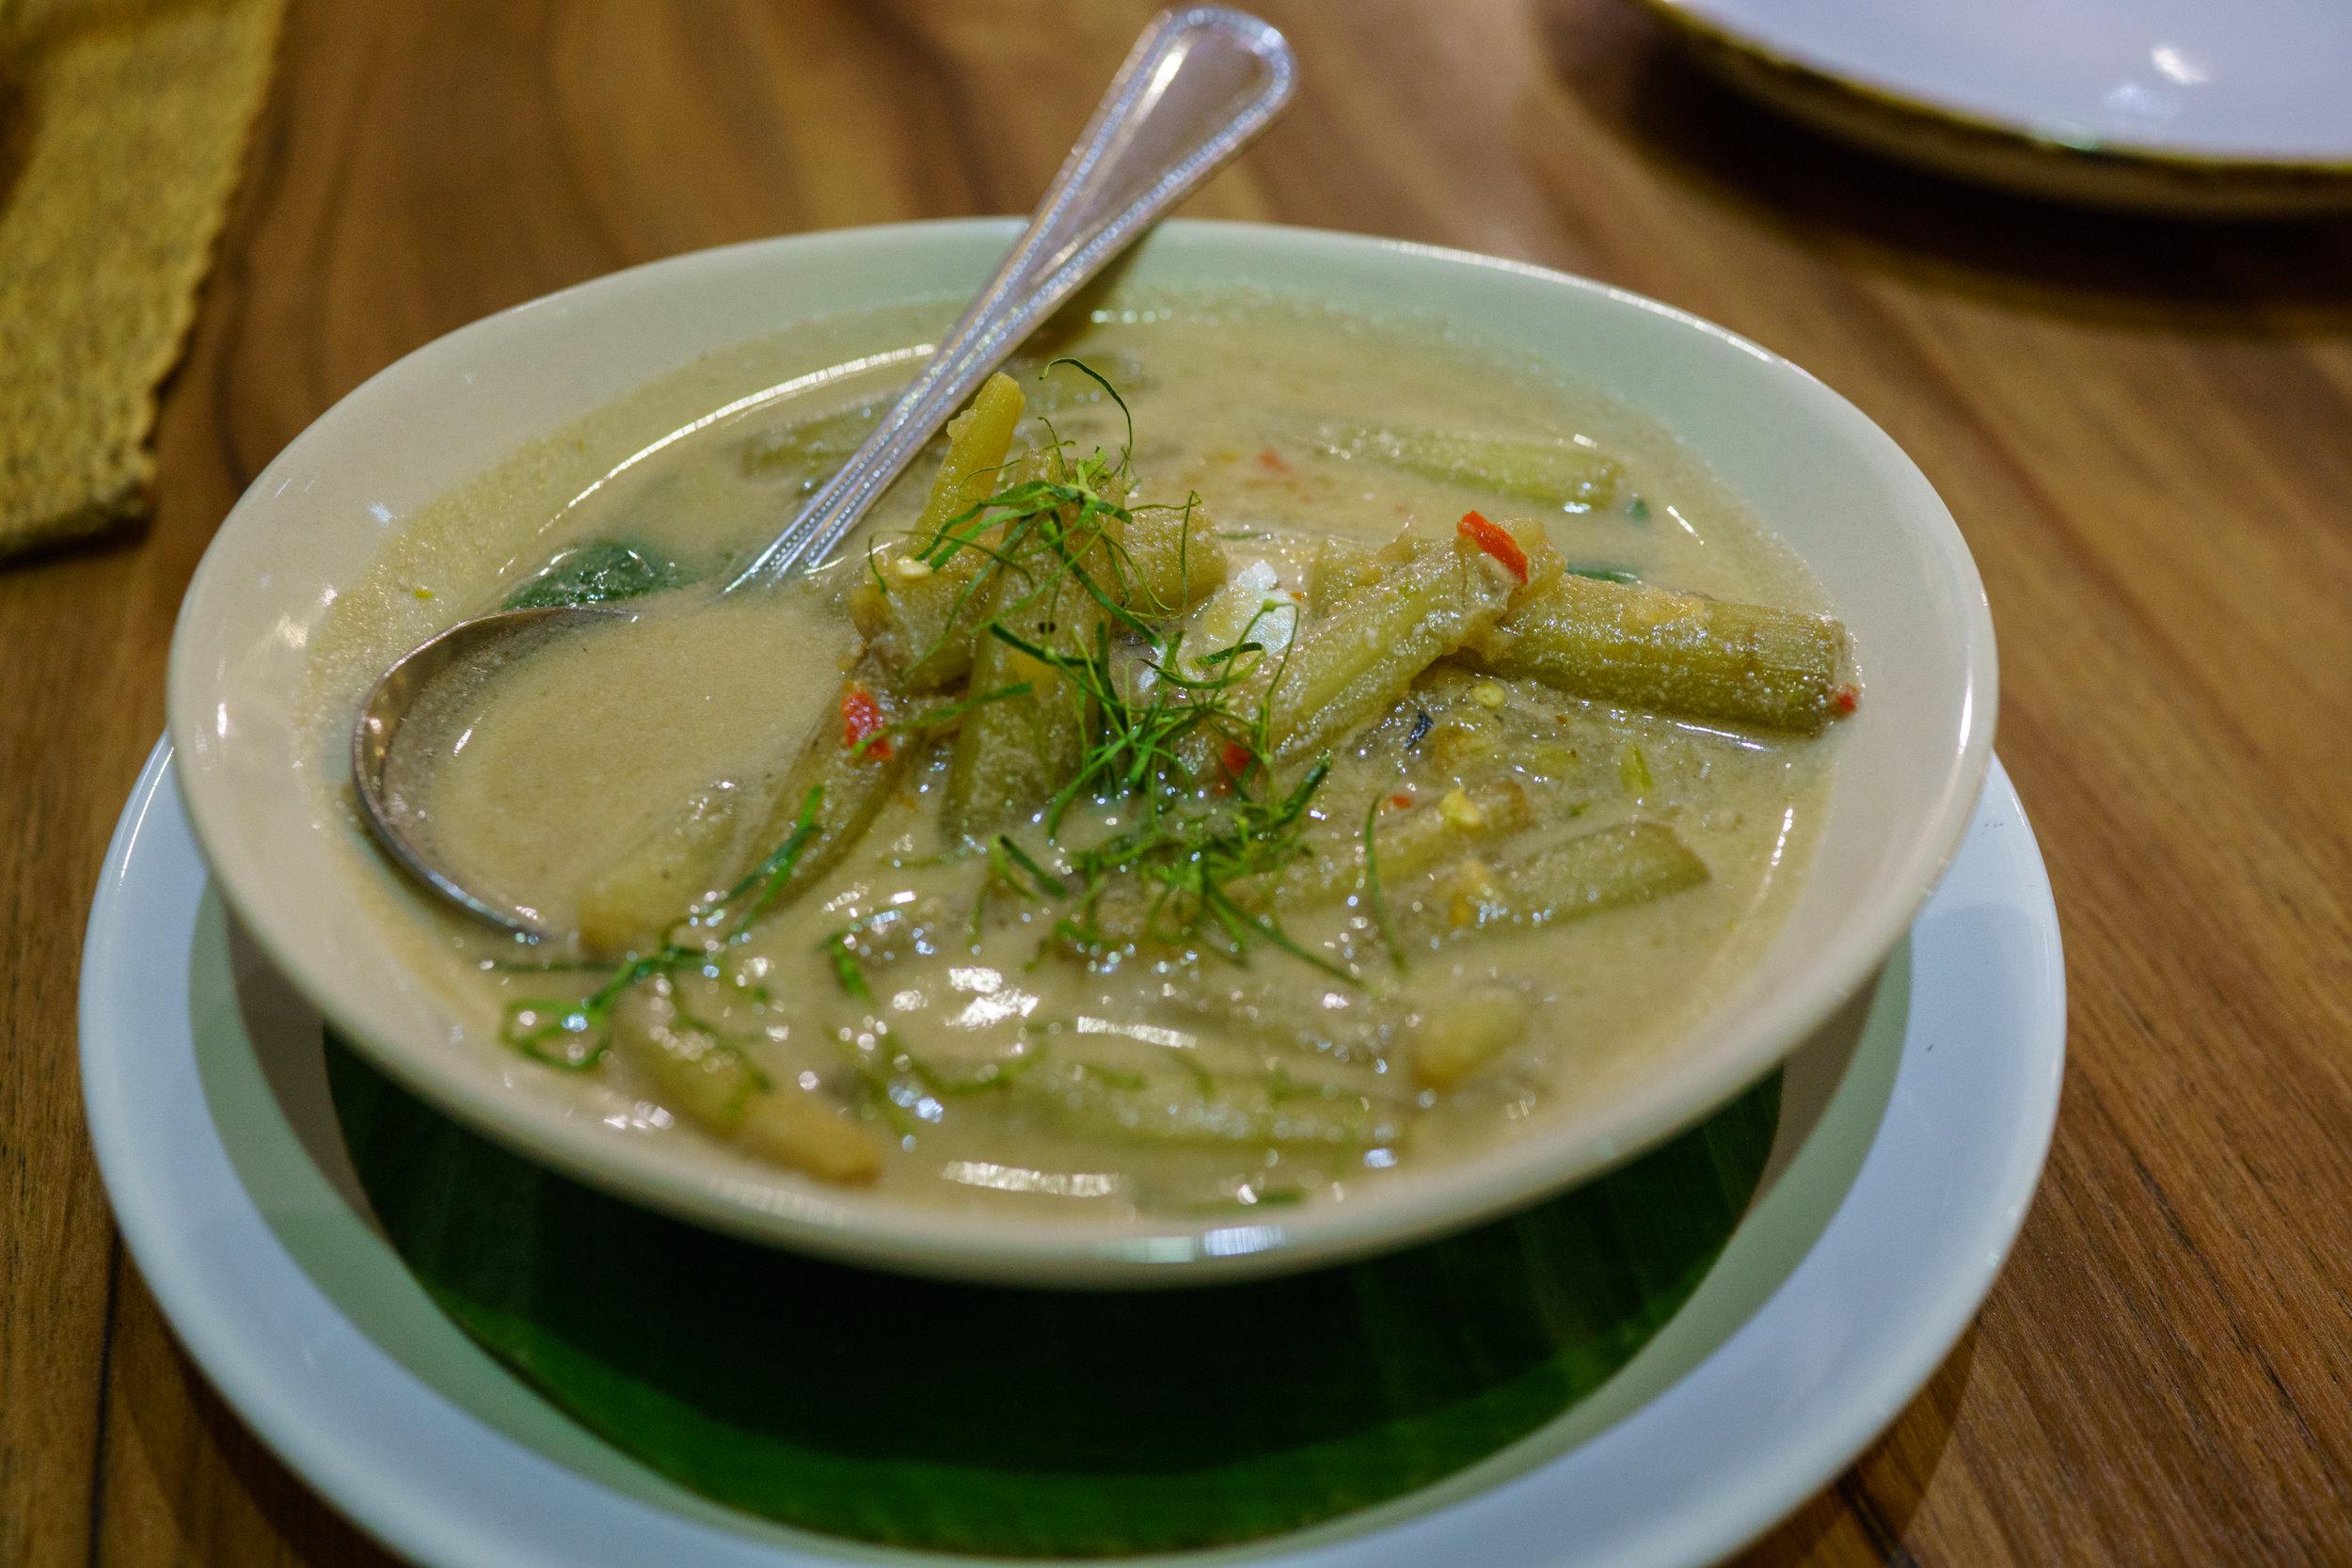 Thai mackerel, a traditional Thai dish, at The Local